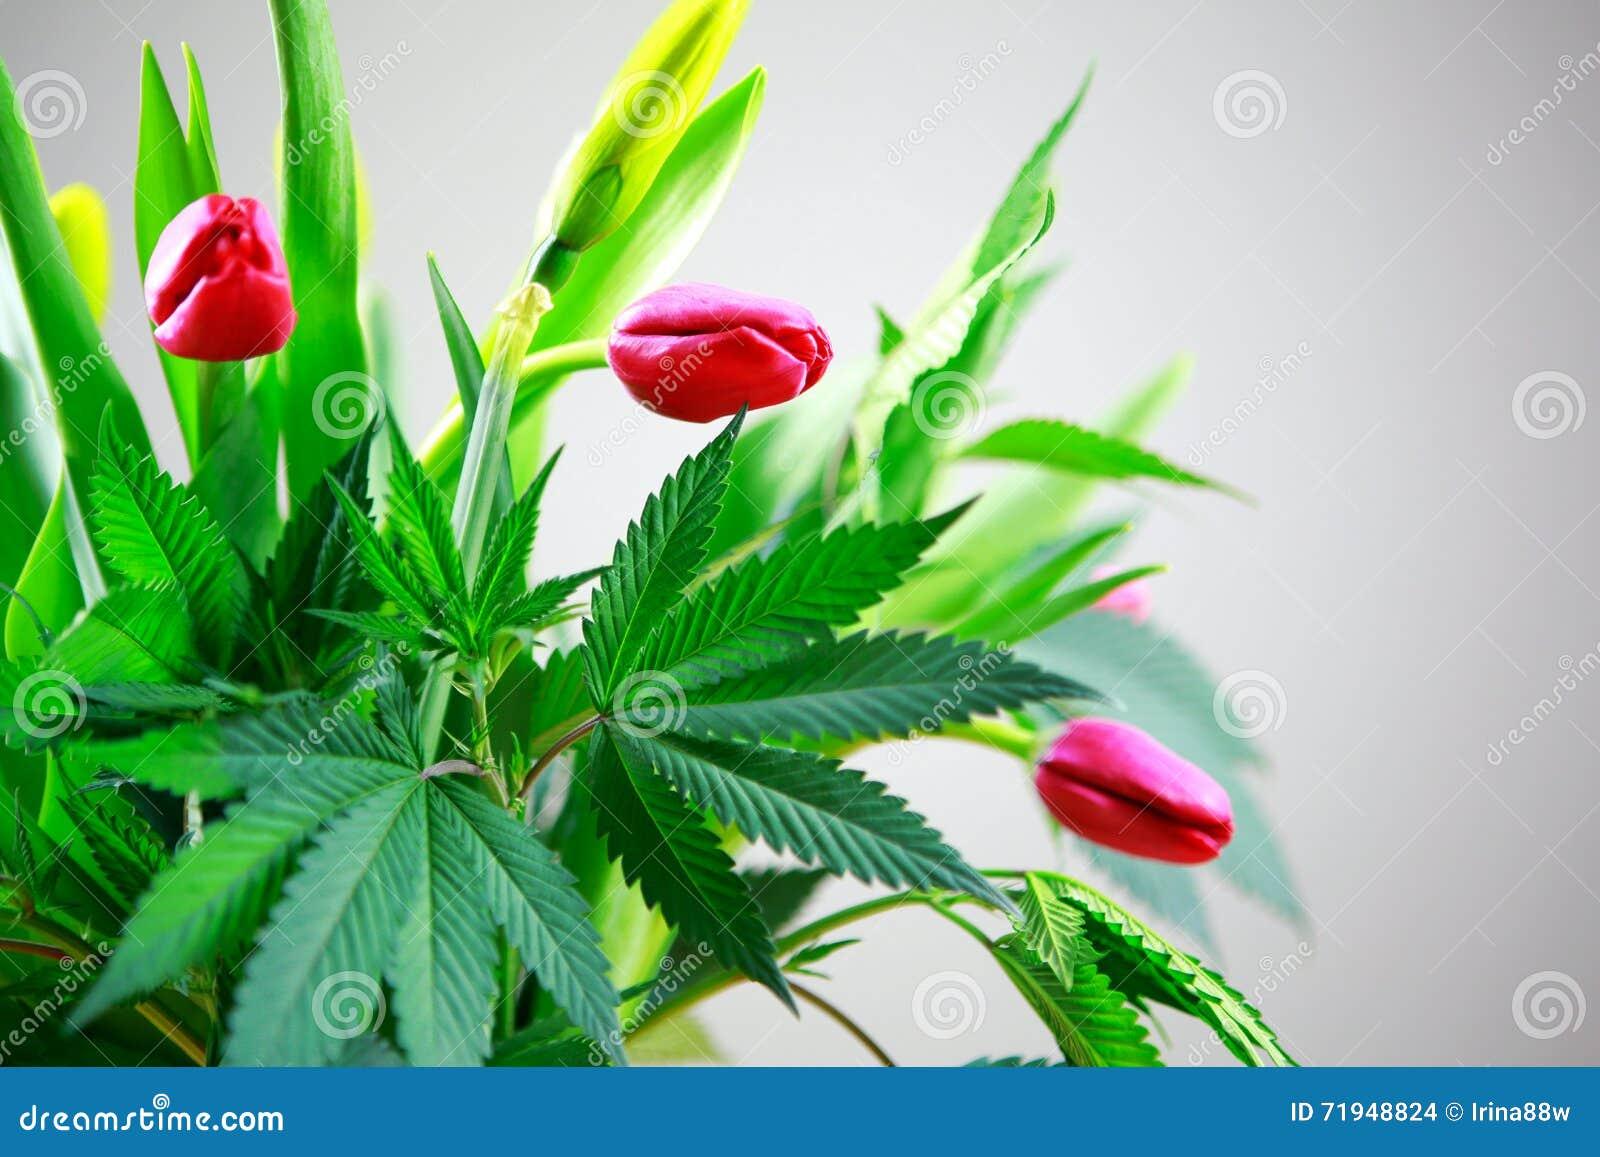 Marihuana zieleni świezi wielcy liście, konopiana roślina w n (marihuana)